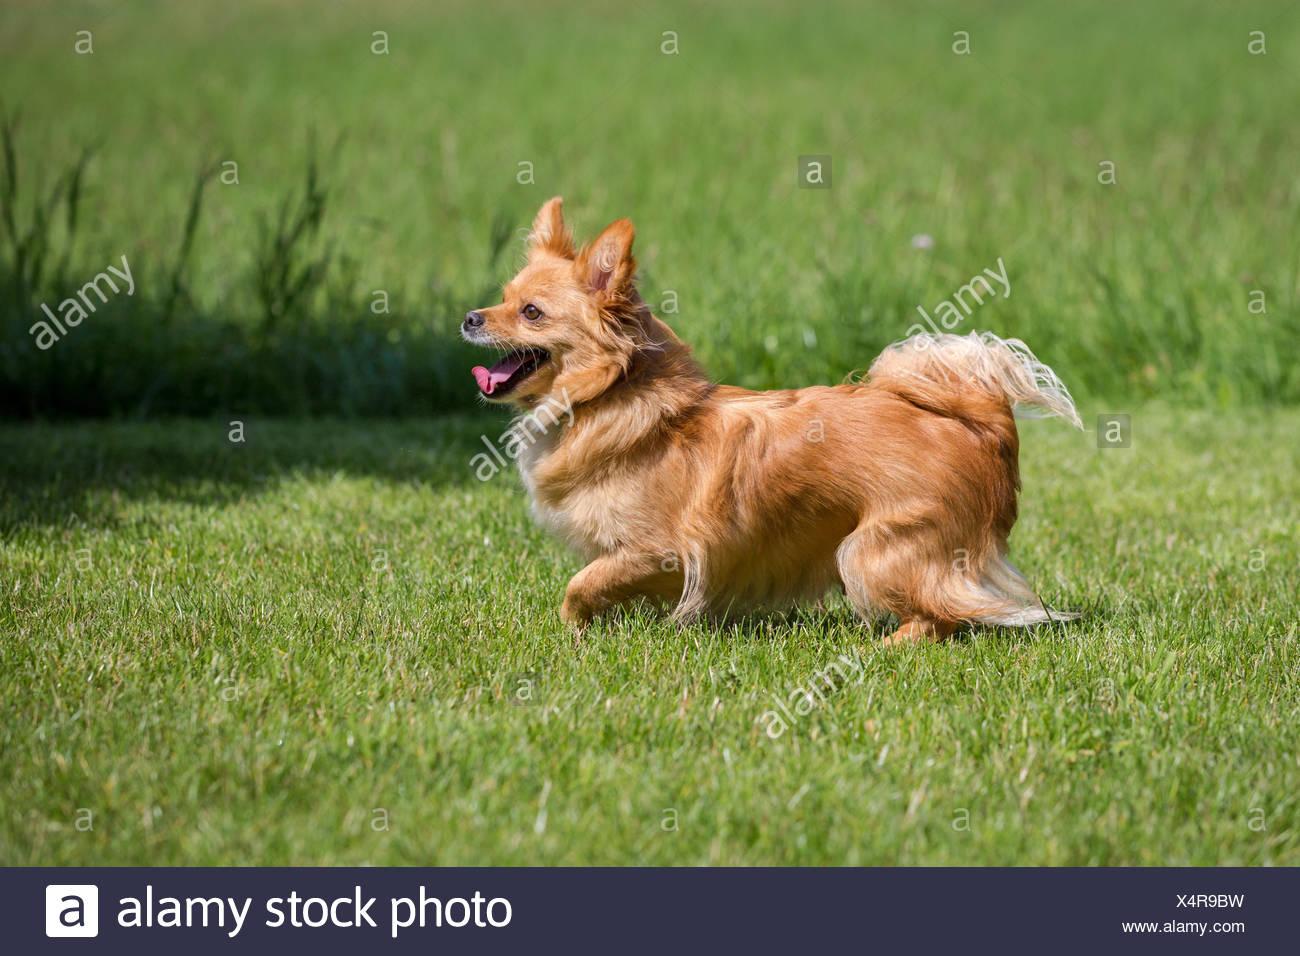 Ein Kleiner Brauner Hund Steht In Einer Wiese Stock Photo Alamy